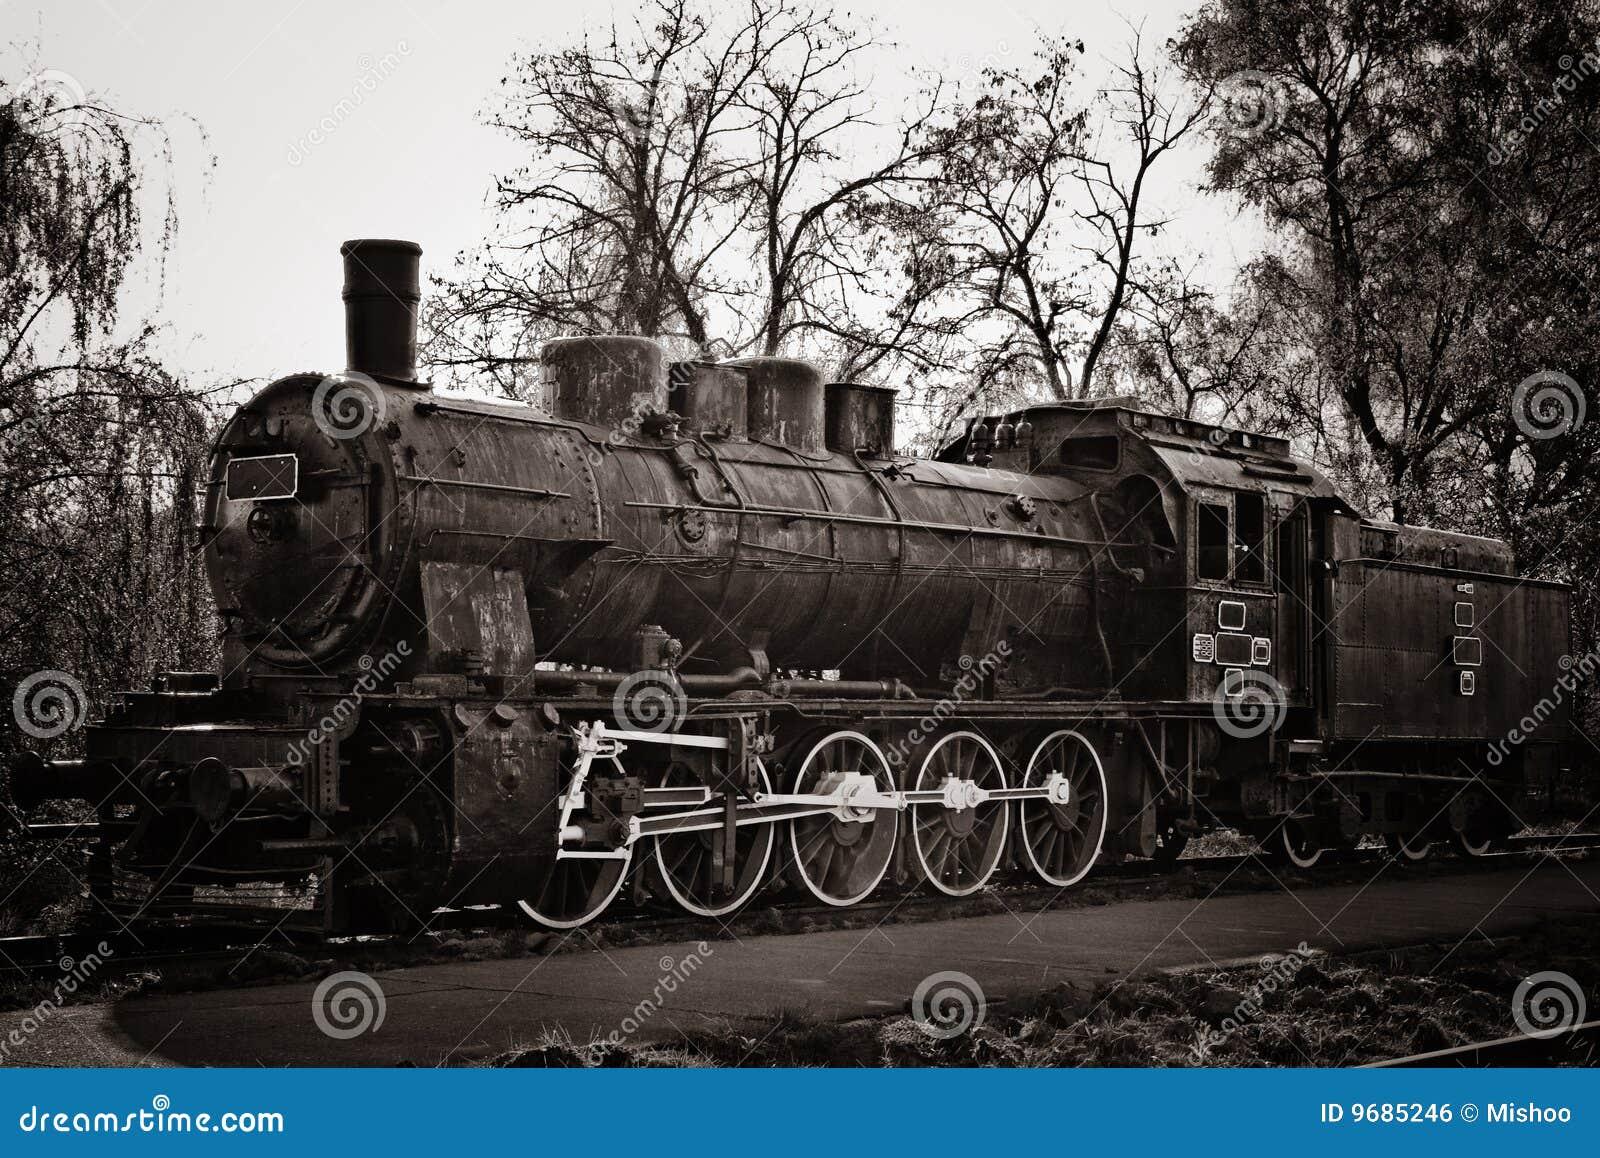 Vintage Steam Engine 79